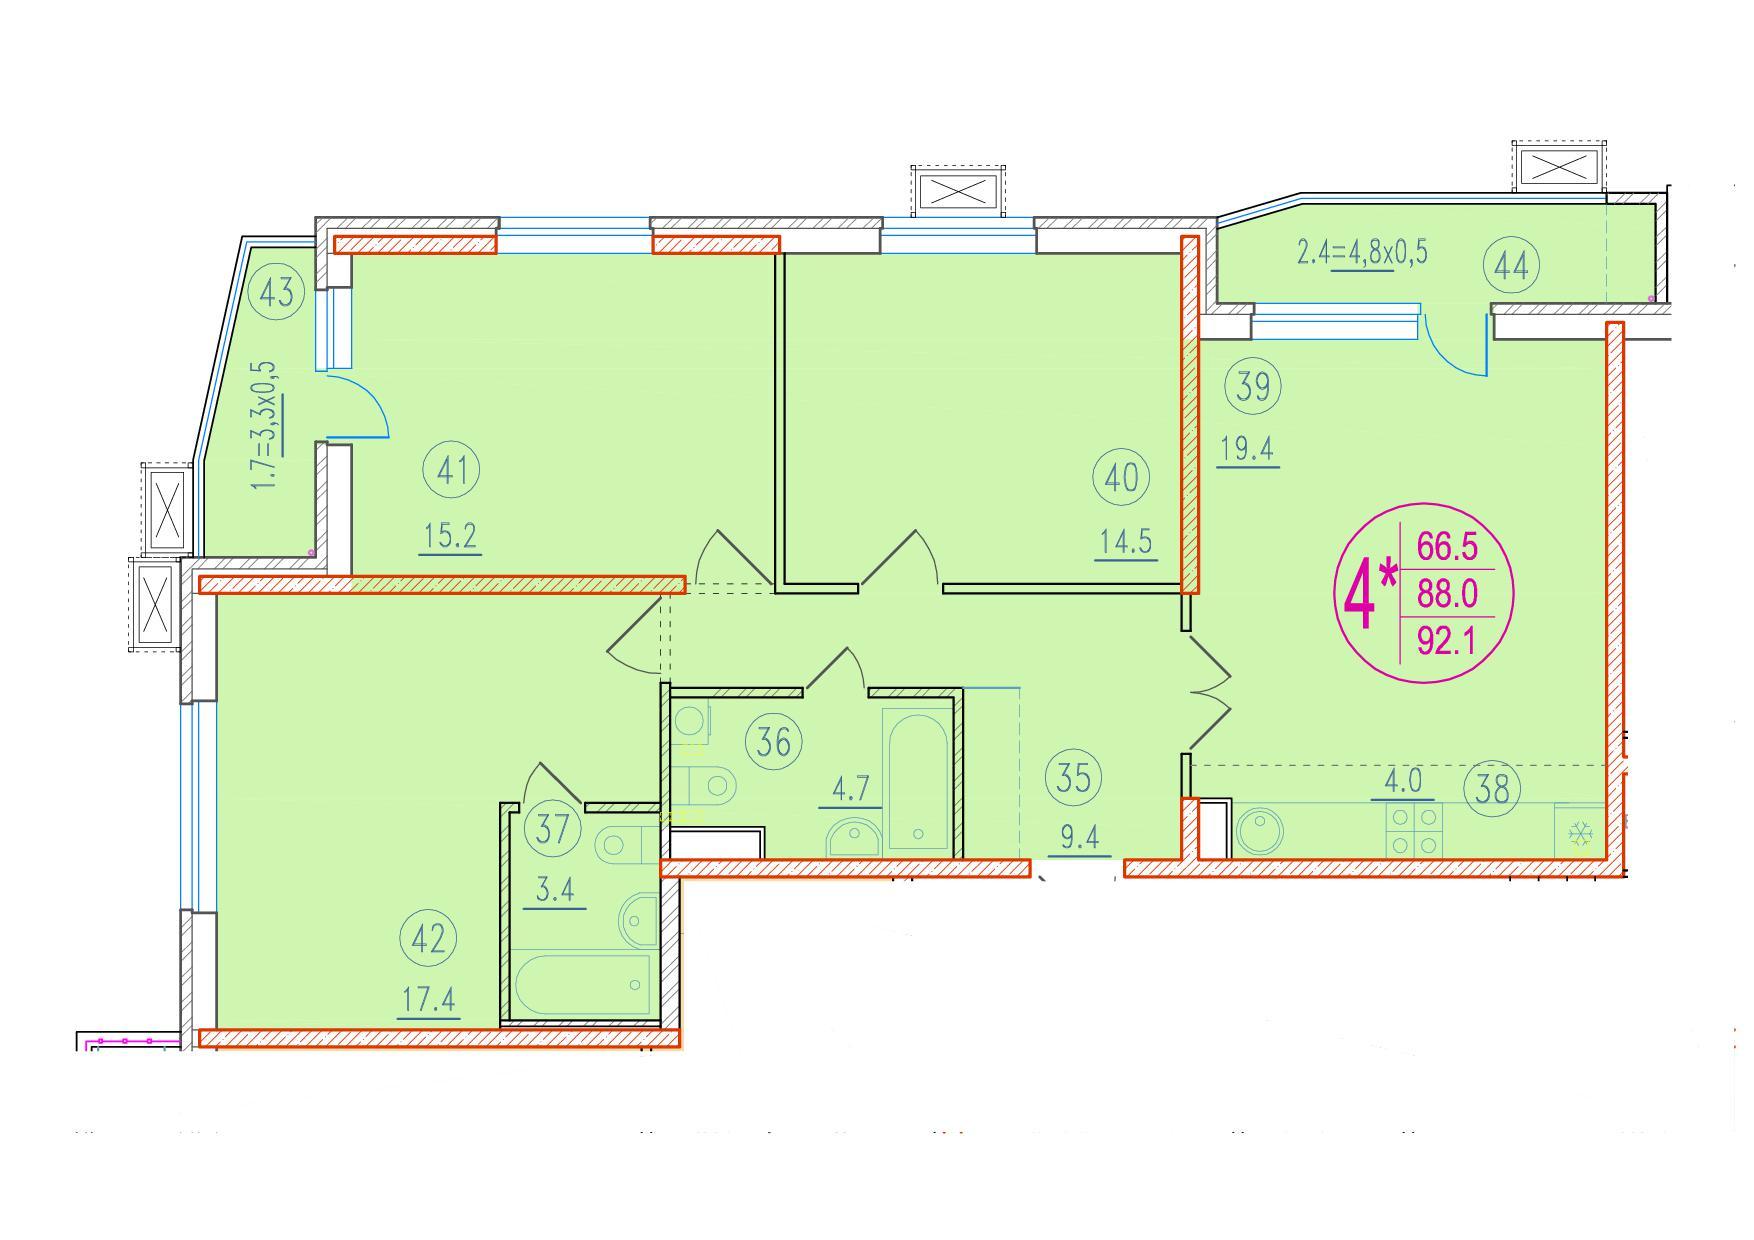 4-комнатная смарт 92.1<span>м<sup>2</sup></span>